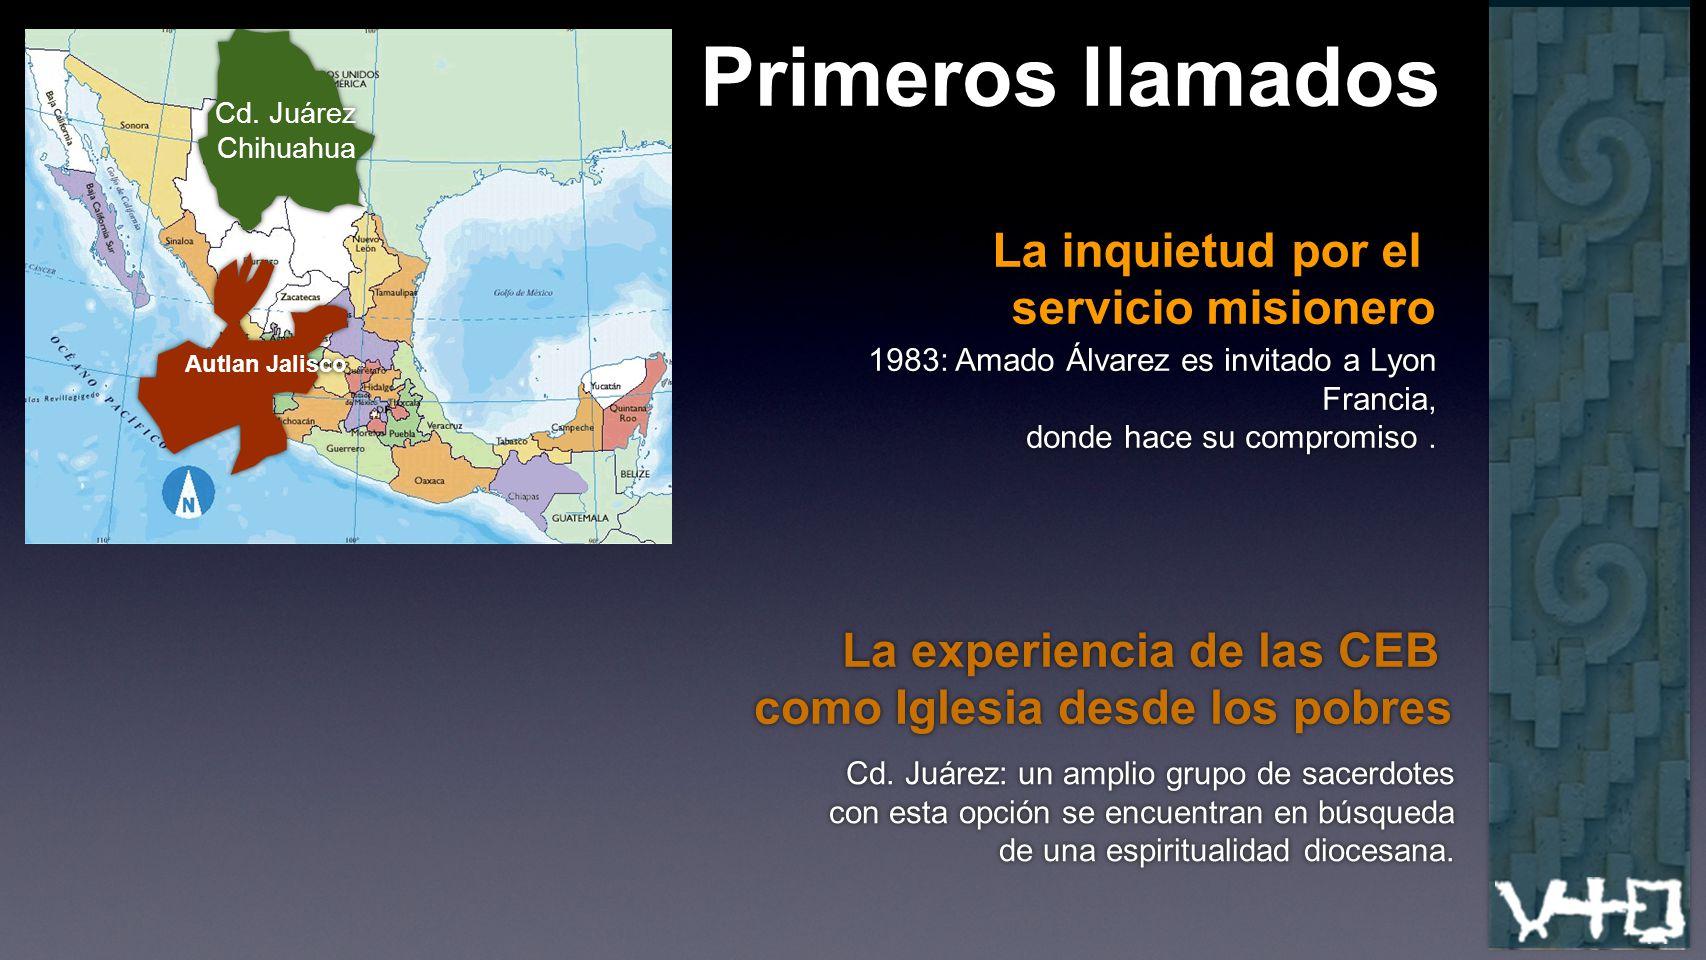 Autlan Jalisco Primeros llamados La inquietud por el servicio misionero La inquietud por el servicio misionero 1983: Amado Álvarez es invitado a Lyon